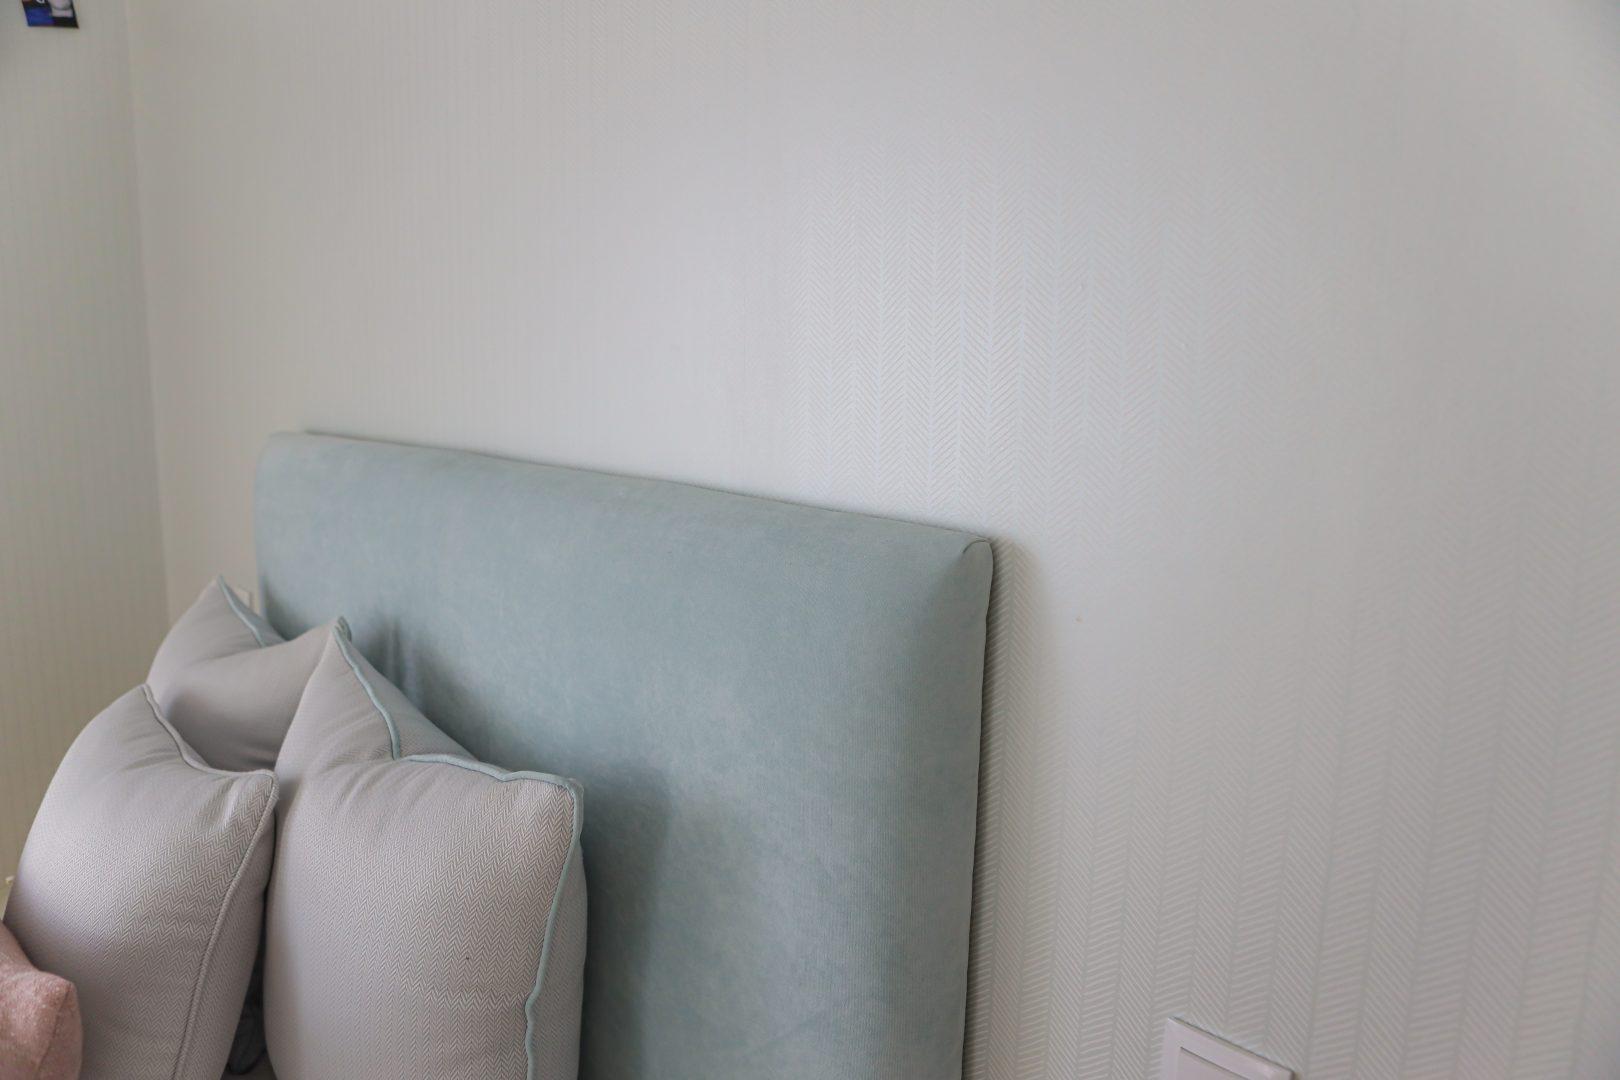 Cabeceira de cama e almofadas com texturas e cores aqua e rosa - Quartos de Adolescentes